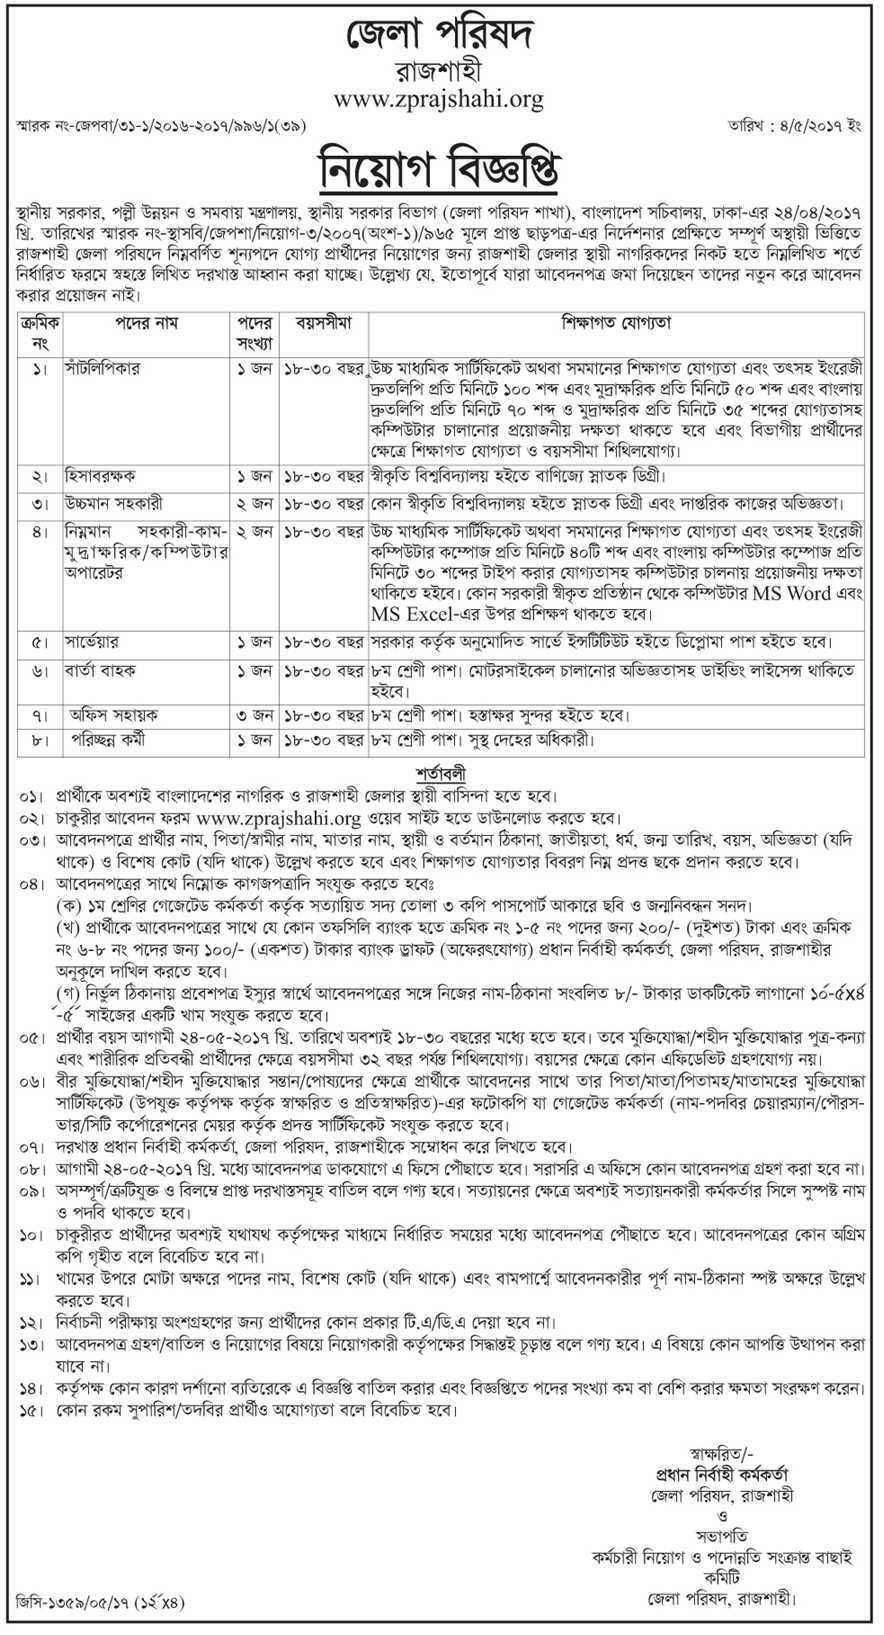 Rajshahi District Council Office Job Circular 2017